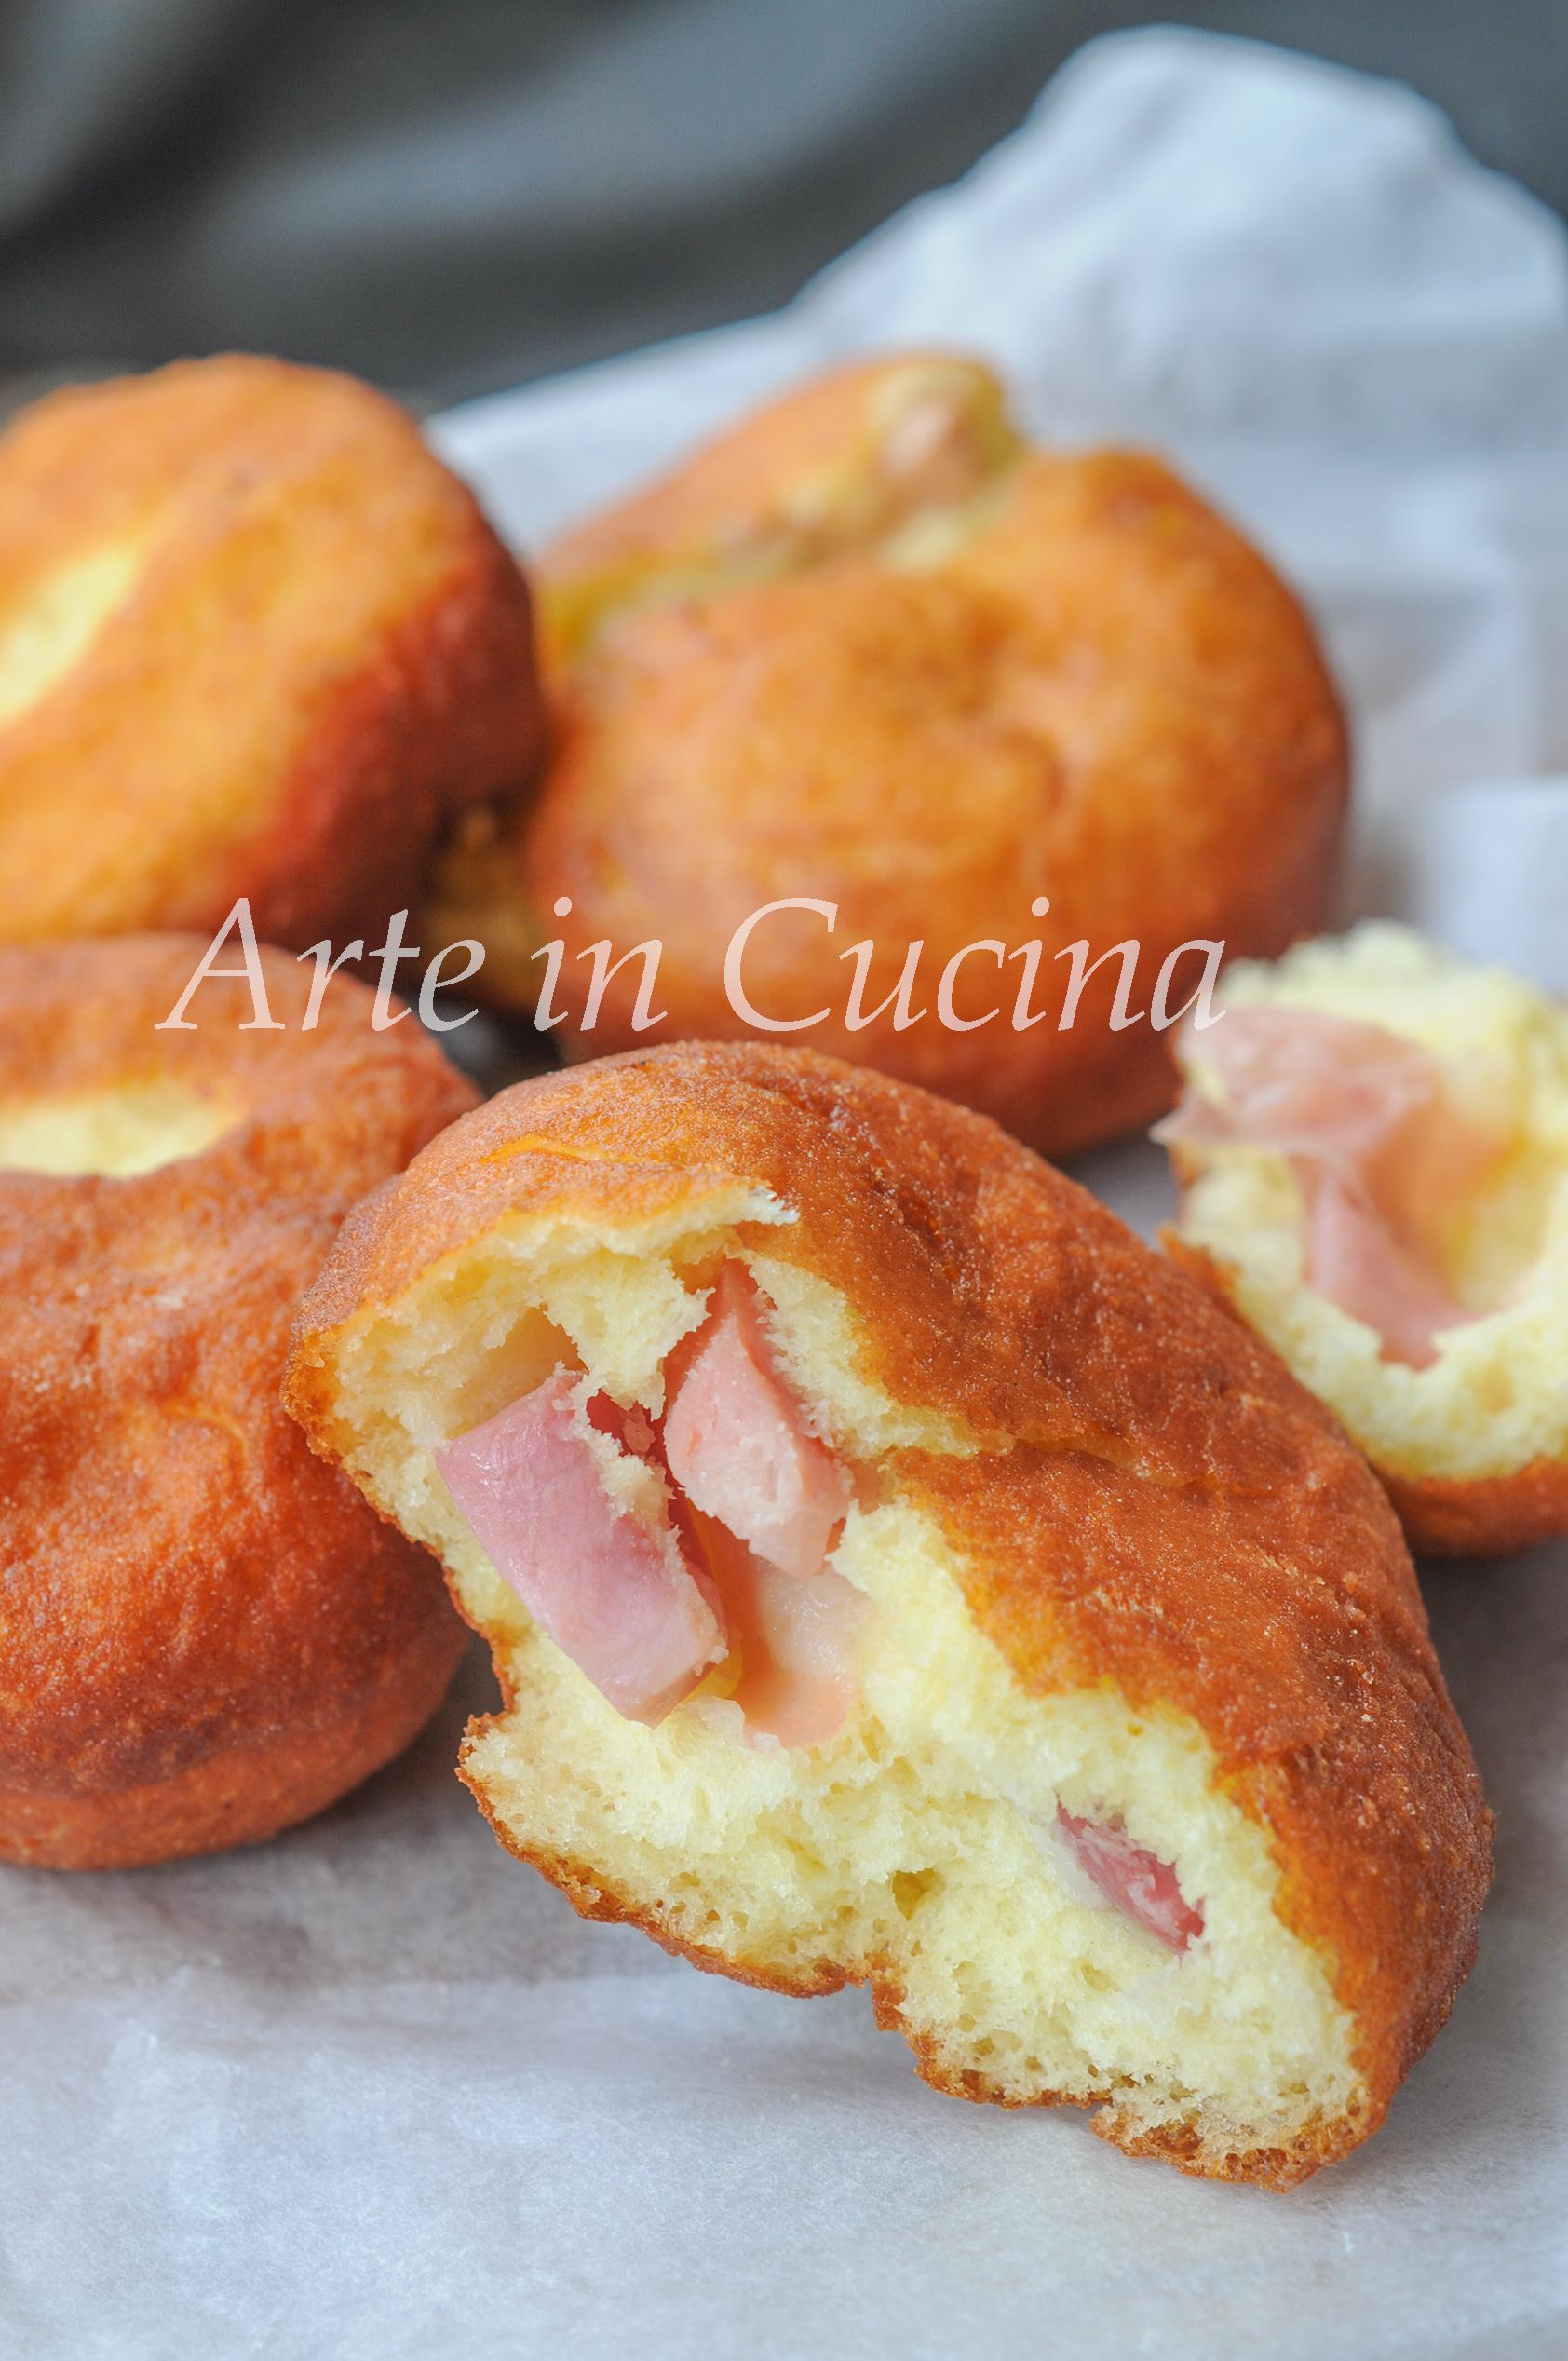 Bombe salate fritte soffici ai salumi e formaggio vickyart arte in cucina